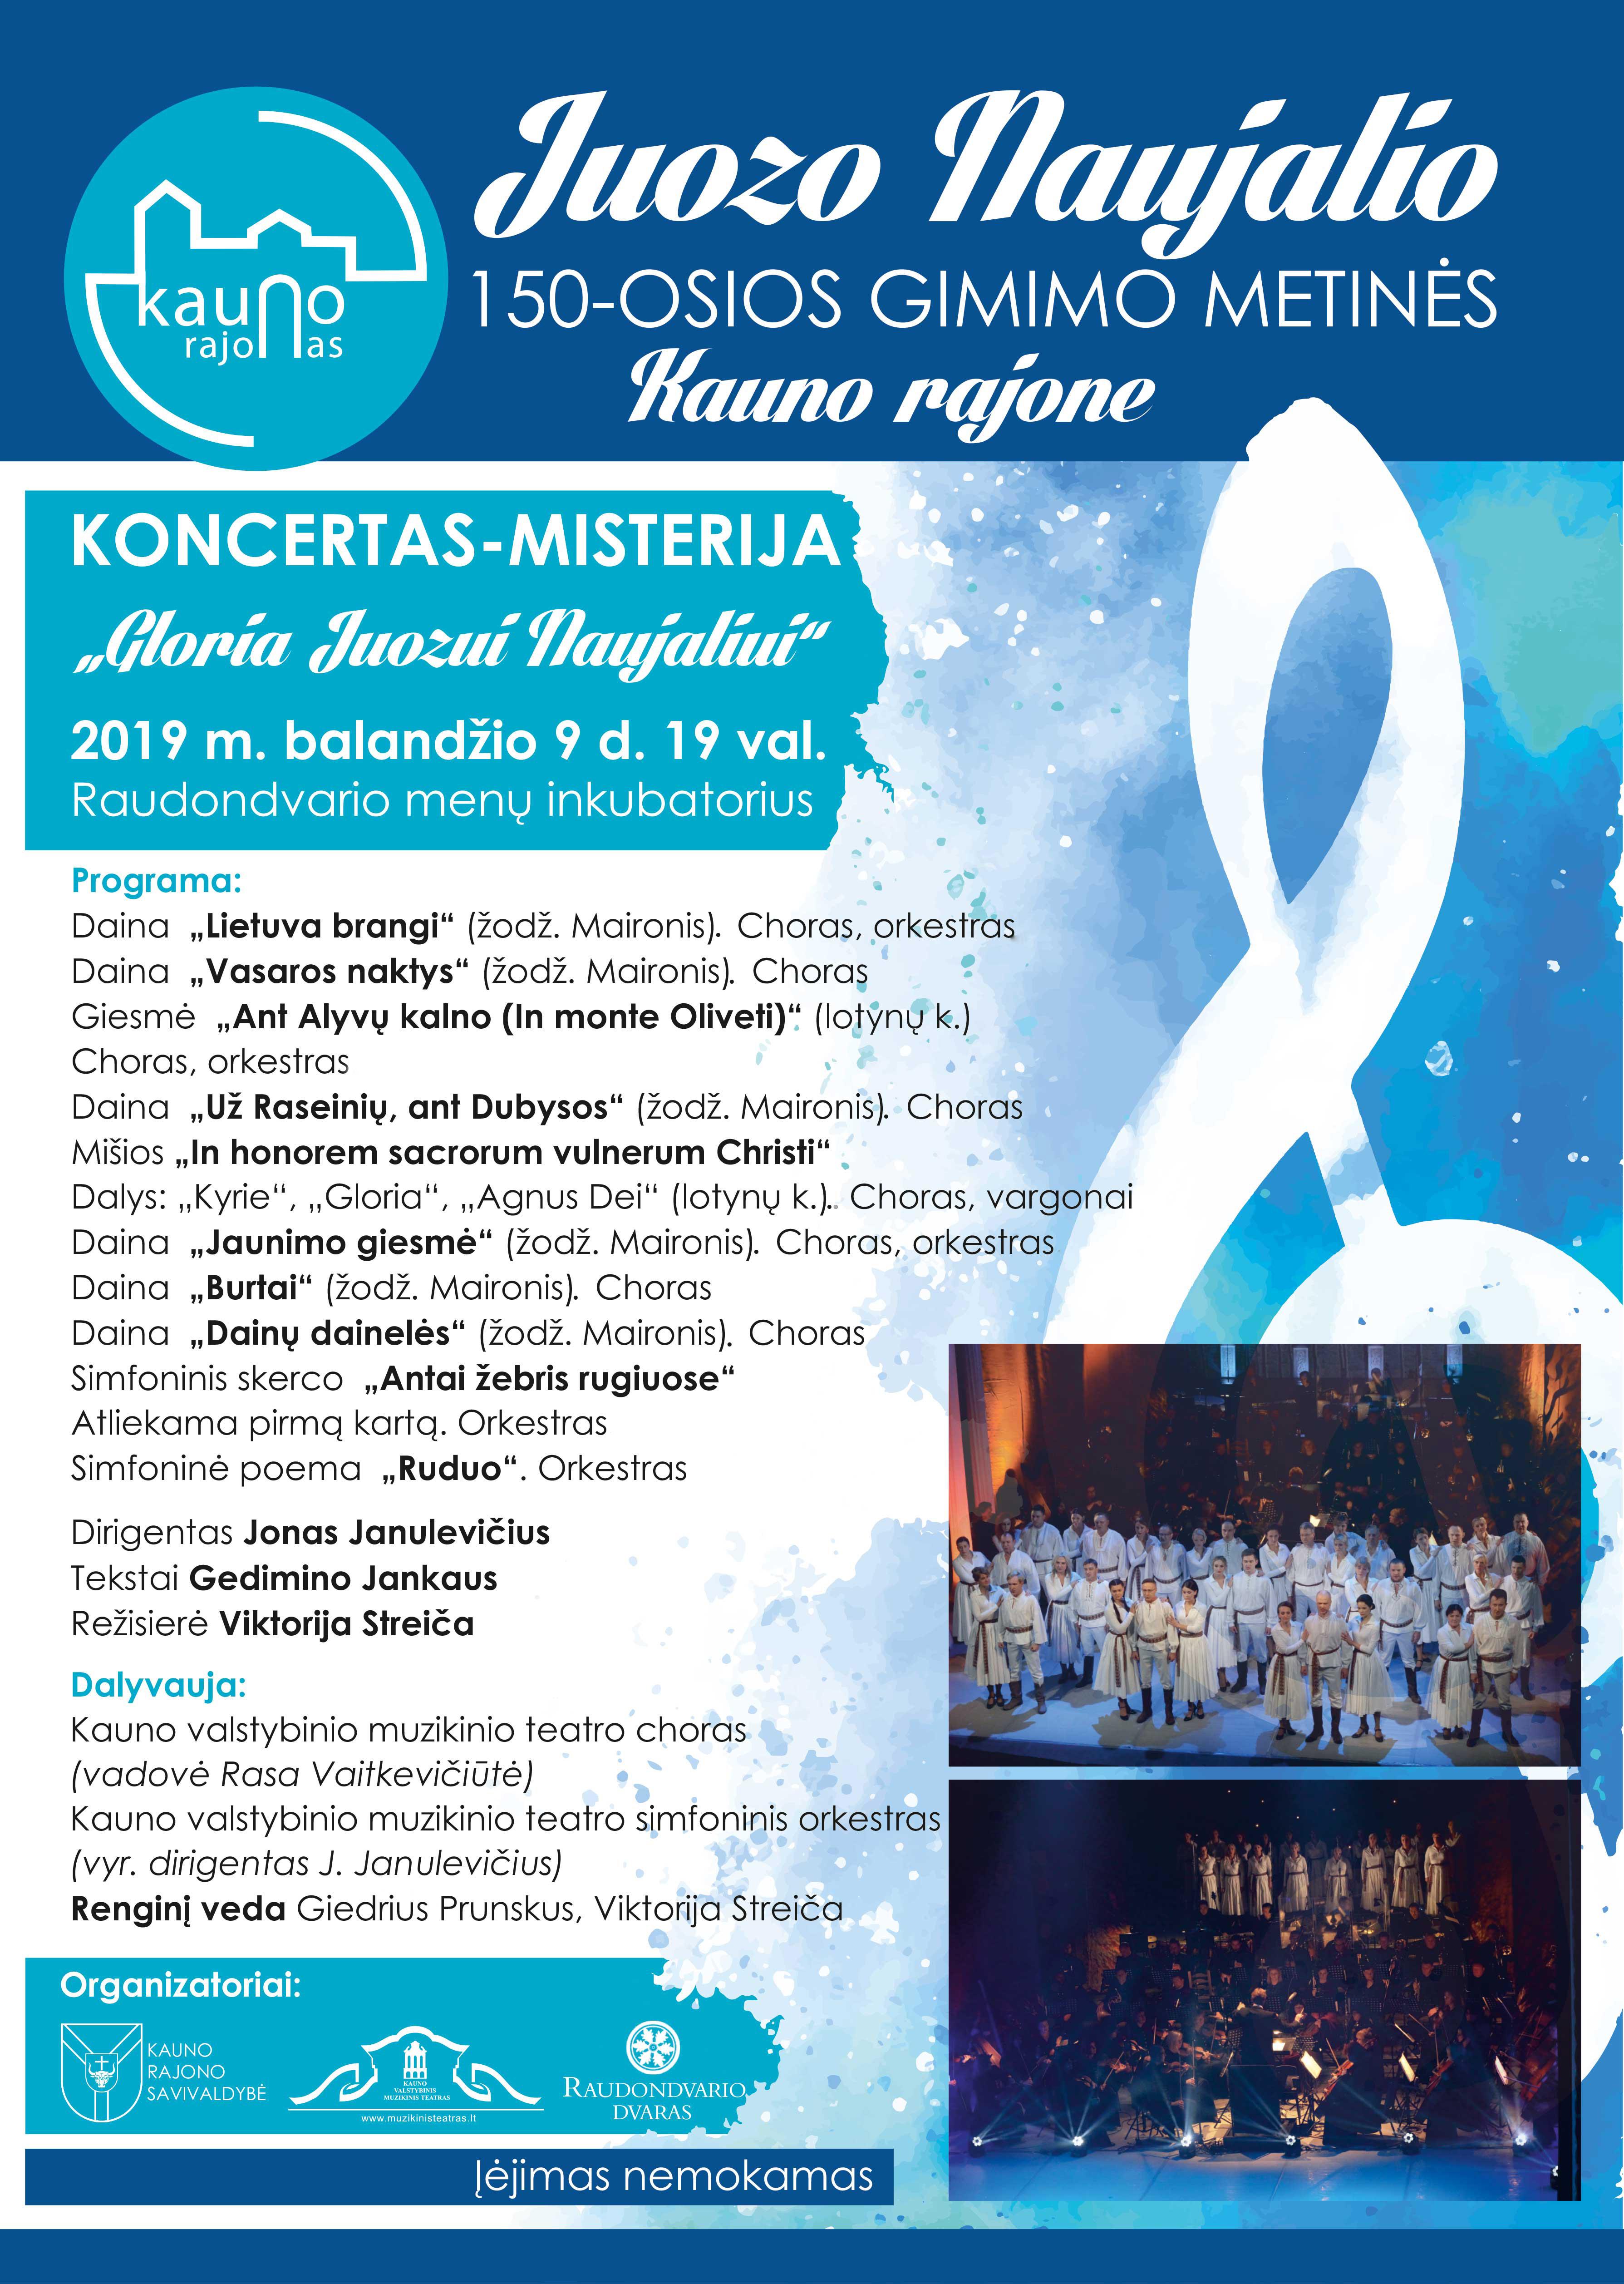 """Balandžio 9 d. 19 val. kviečiame į koncertą-misteriją """"Gloria Juozui Naujaliui"""""""